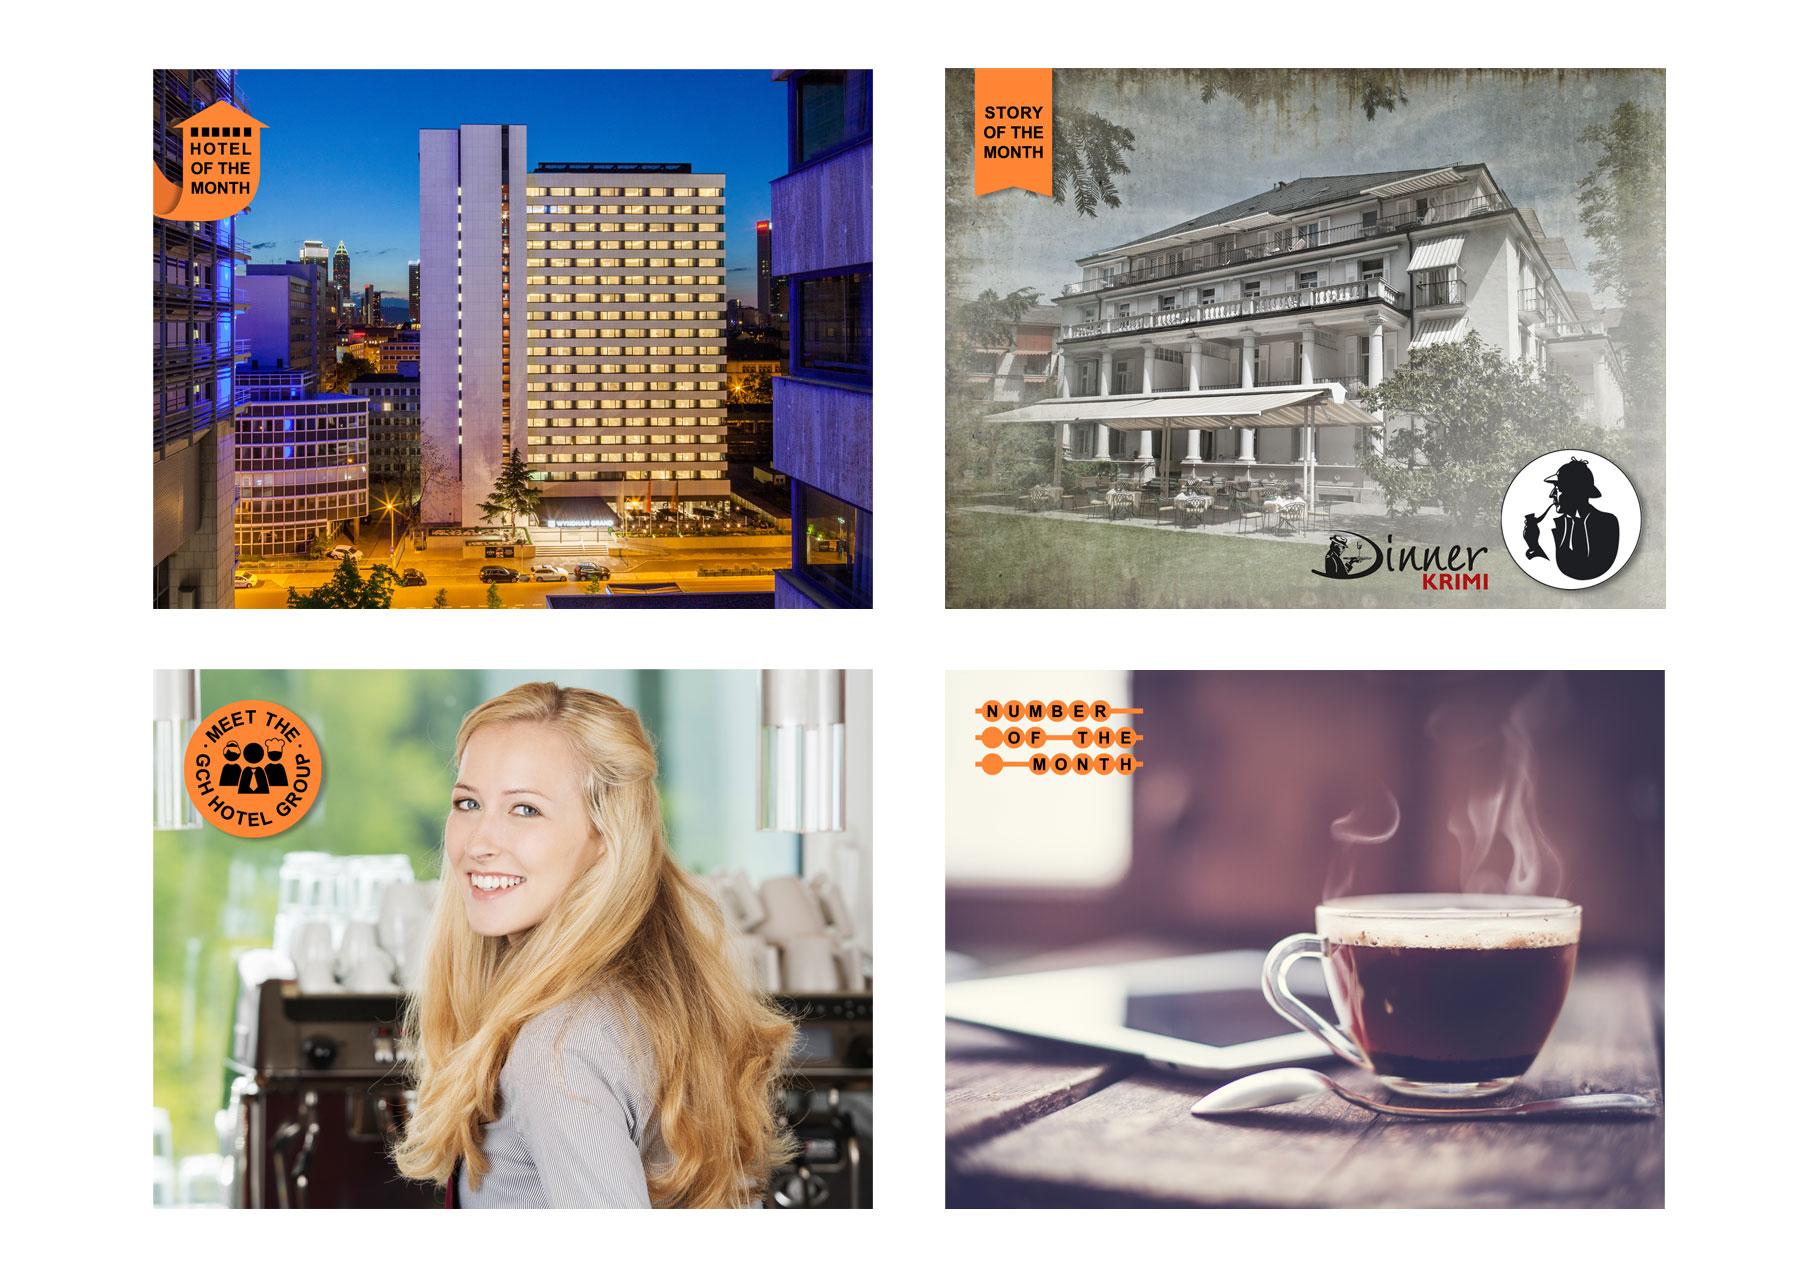 Übersicht der Grafiken und Kategorien für die Facebookseite der GCH Hotel Group